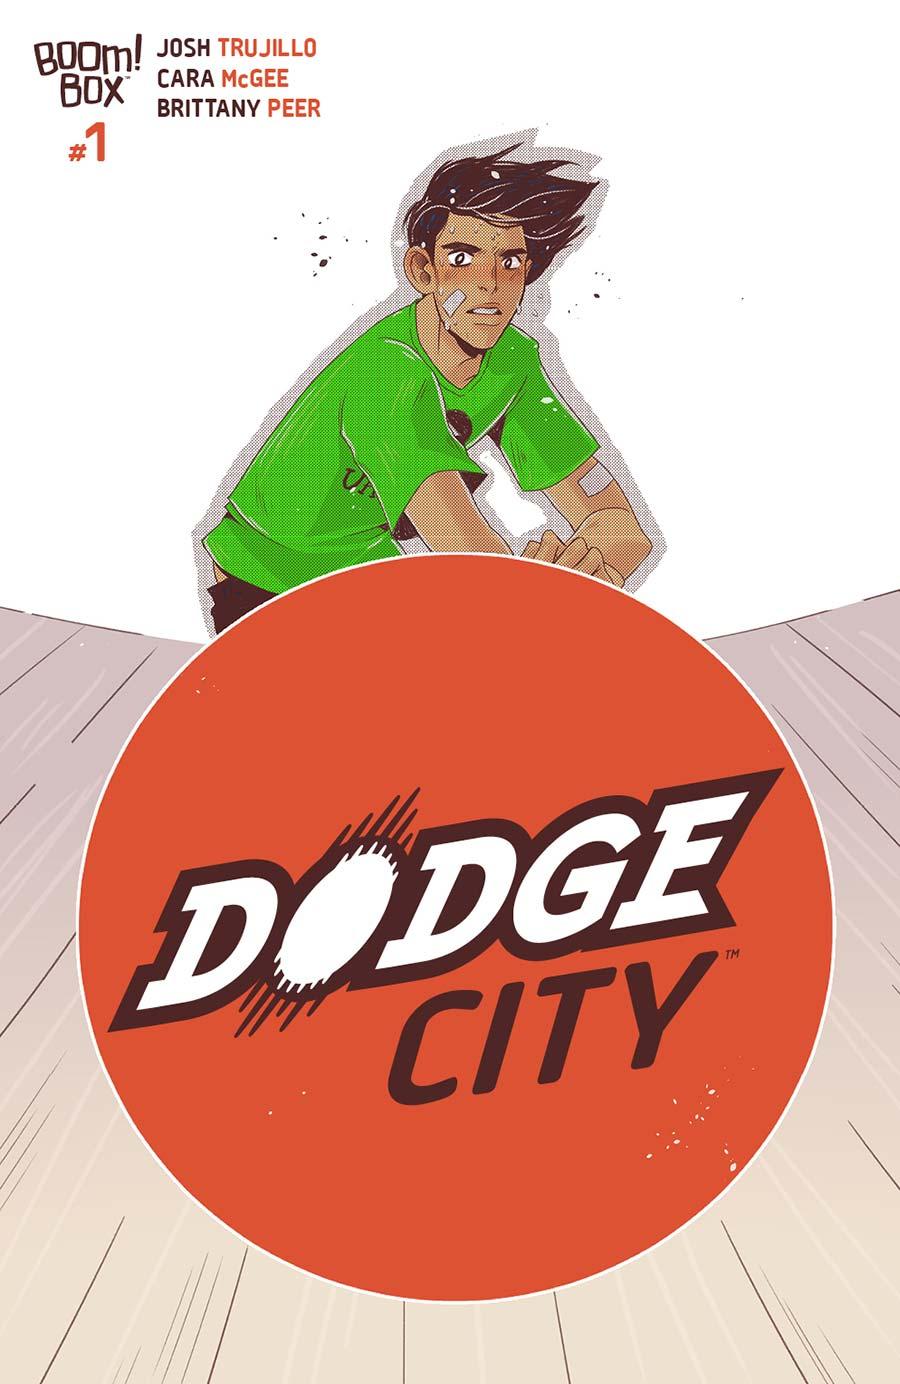 Dogde City